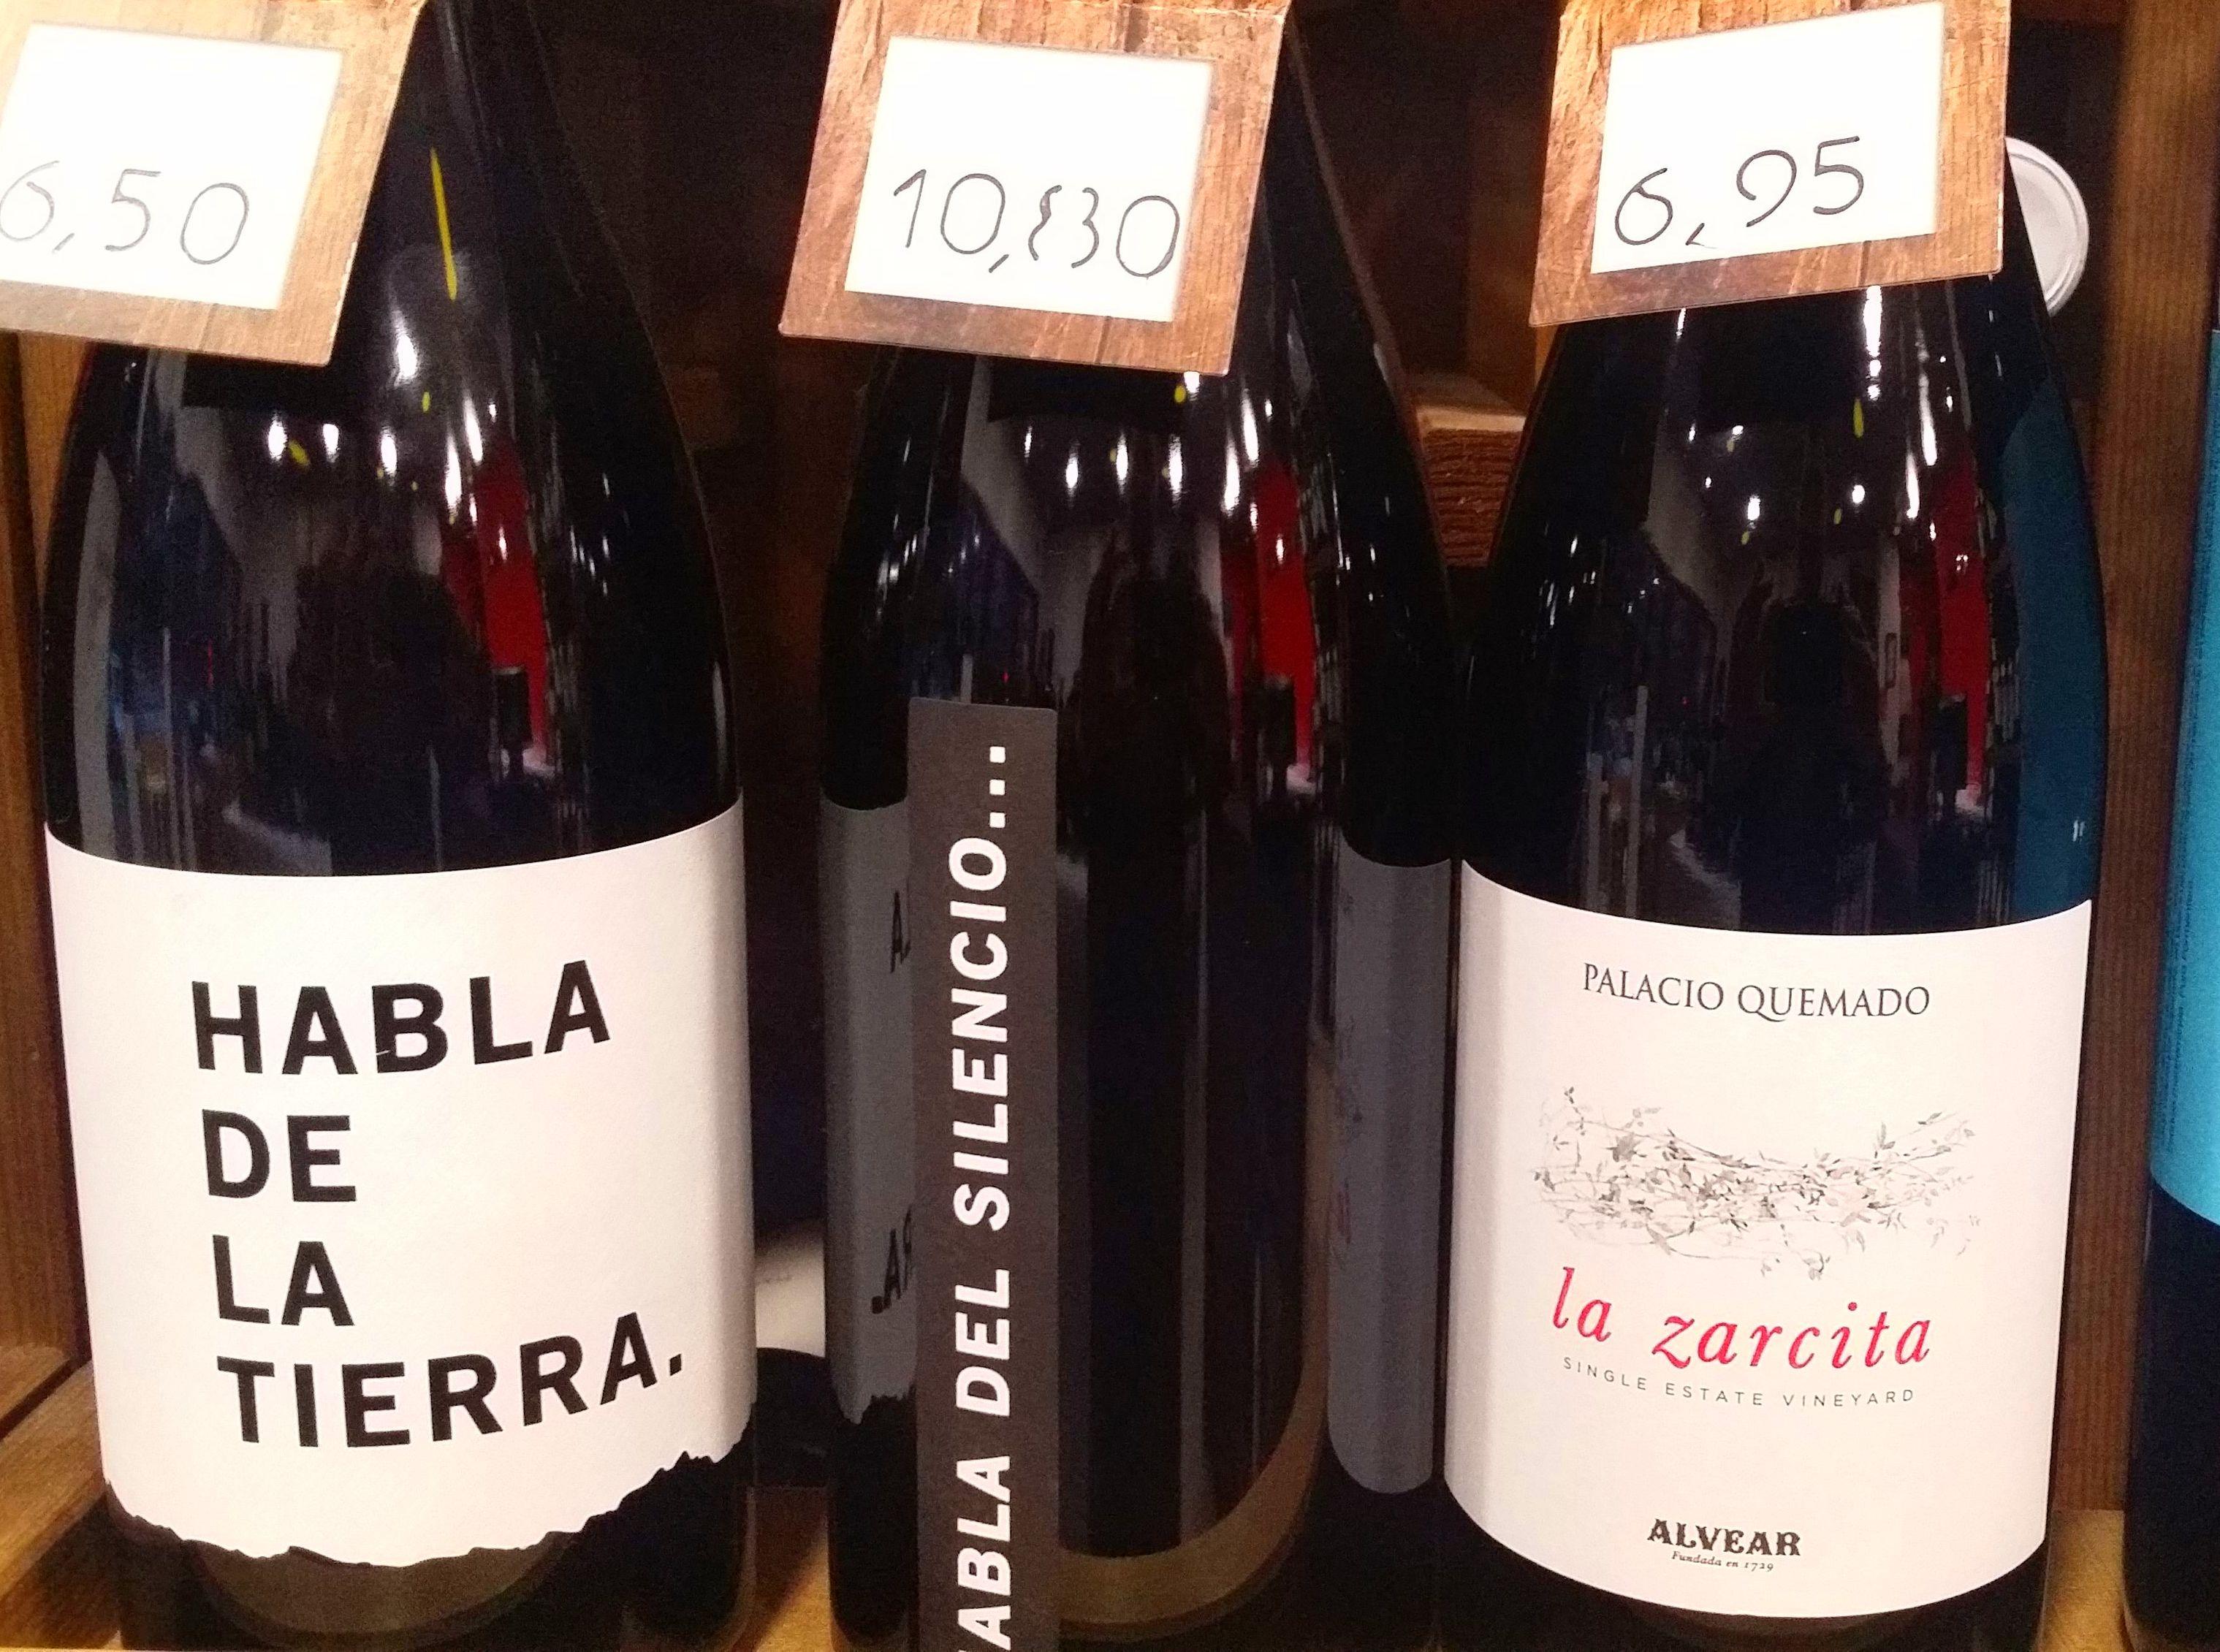 Exremadura: Bodegas por zonas de Vino & Cata